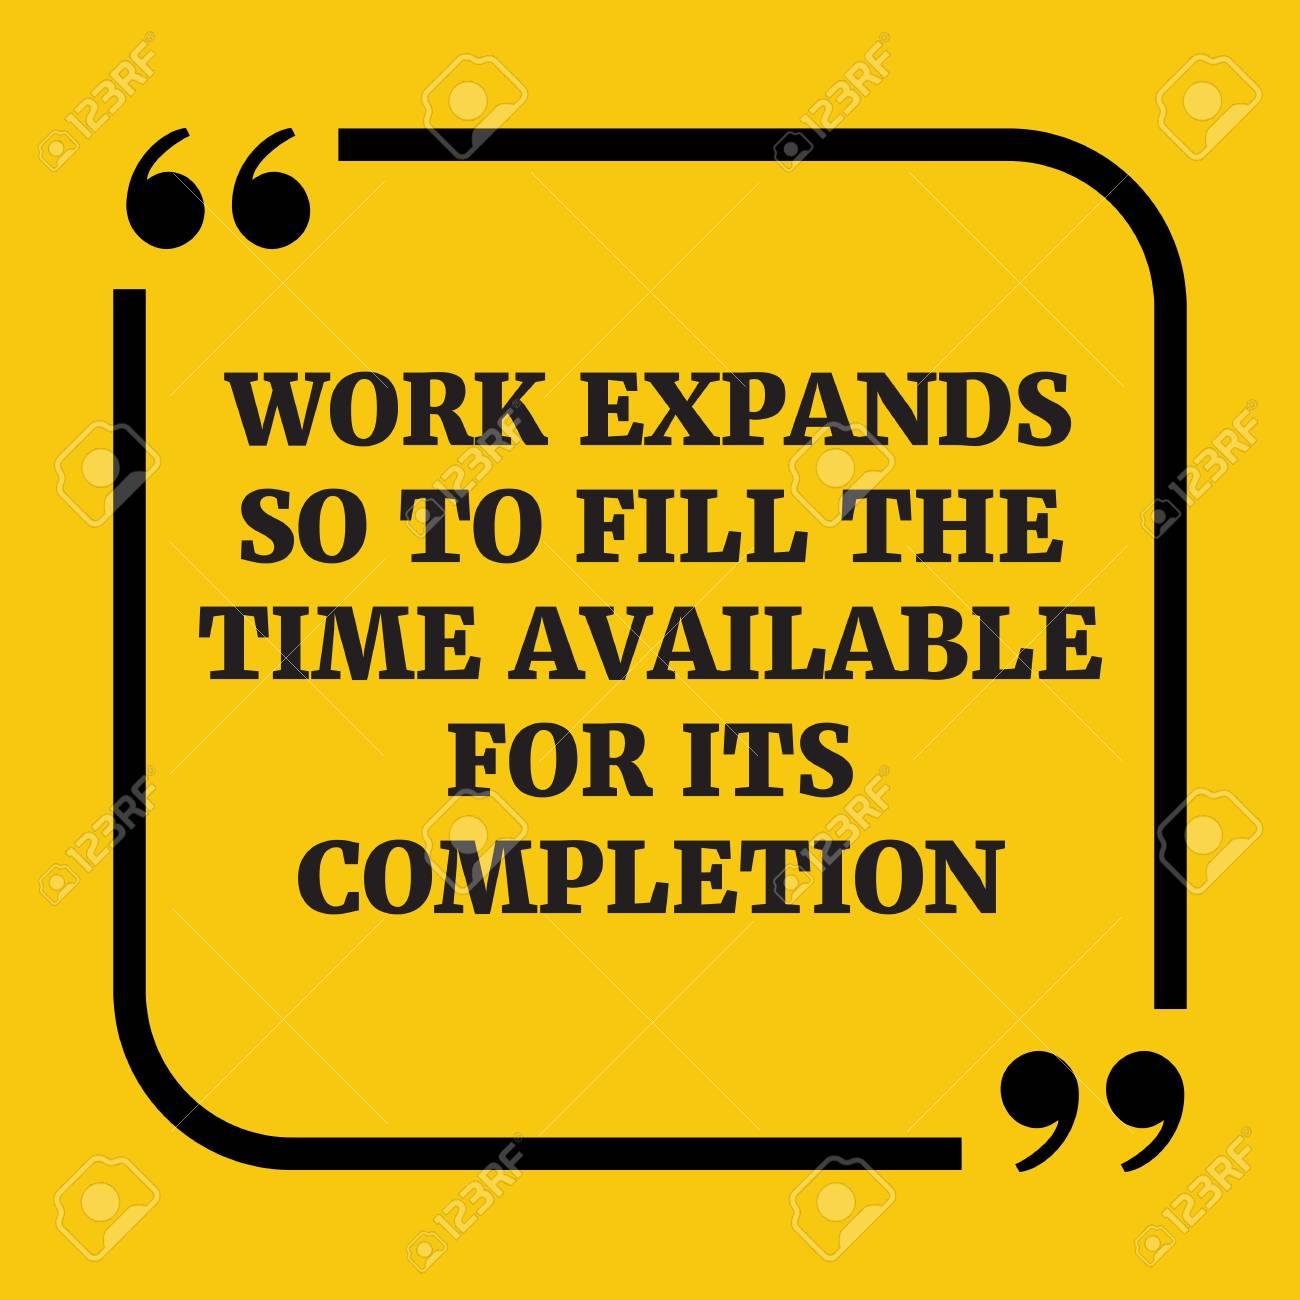 Cita Motivacional El Trabajo Se Expande Para Llenar El Tiempo Disponible Para Su Finalización Sobre Fondo Amarillo